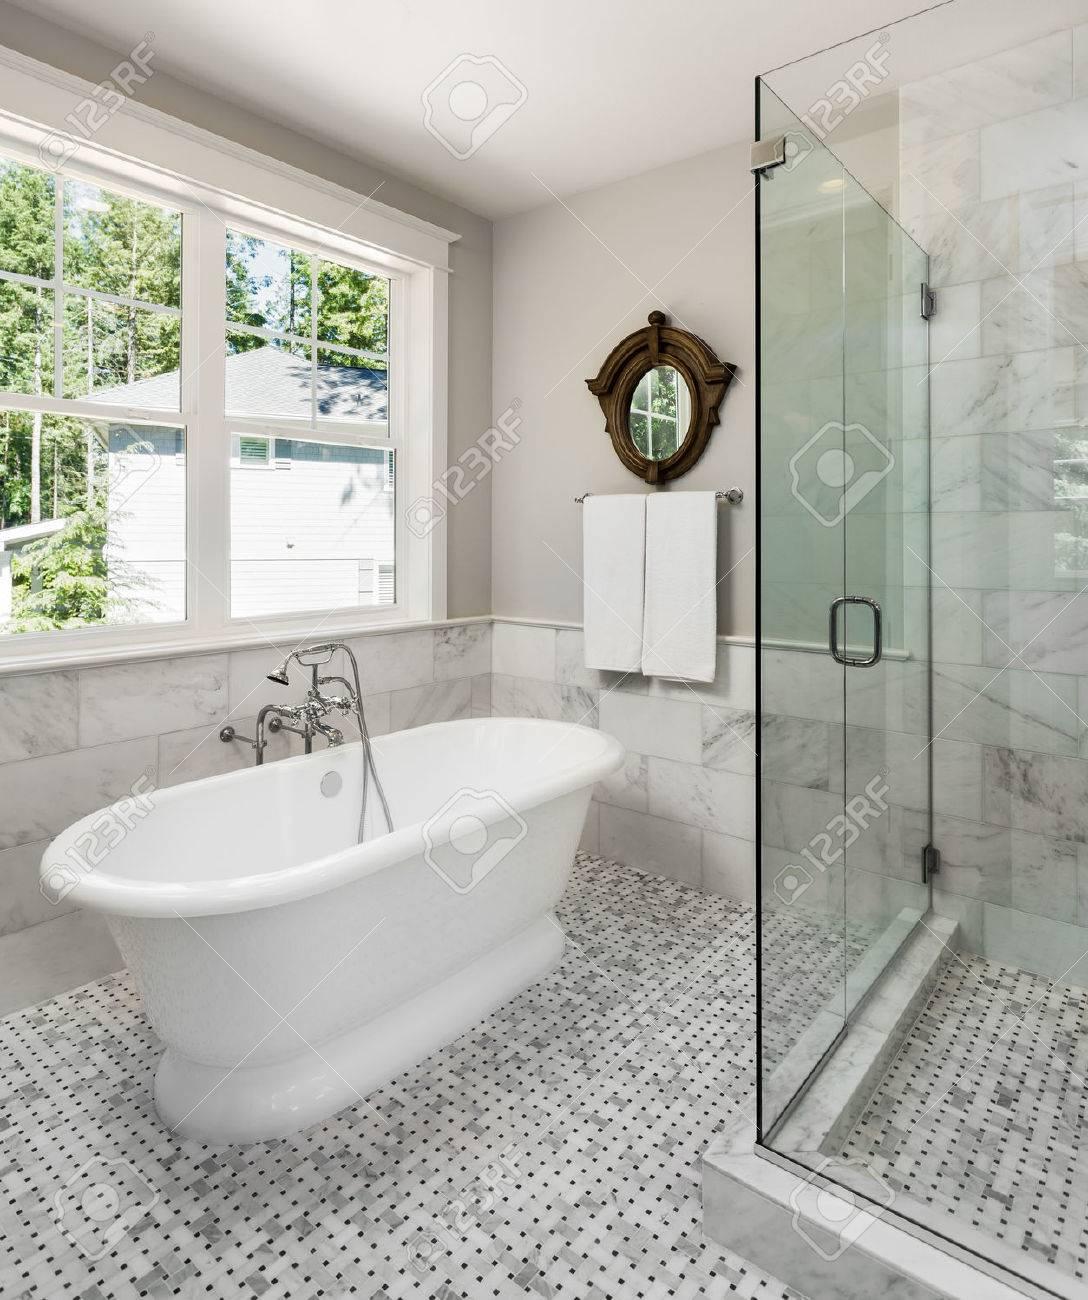 Badezimmer In Luxus-Haus Mit Badewanne Und Dusche. Dusche Hat ...